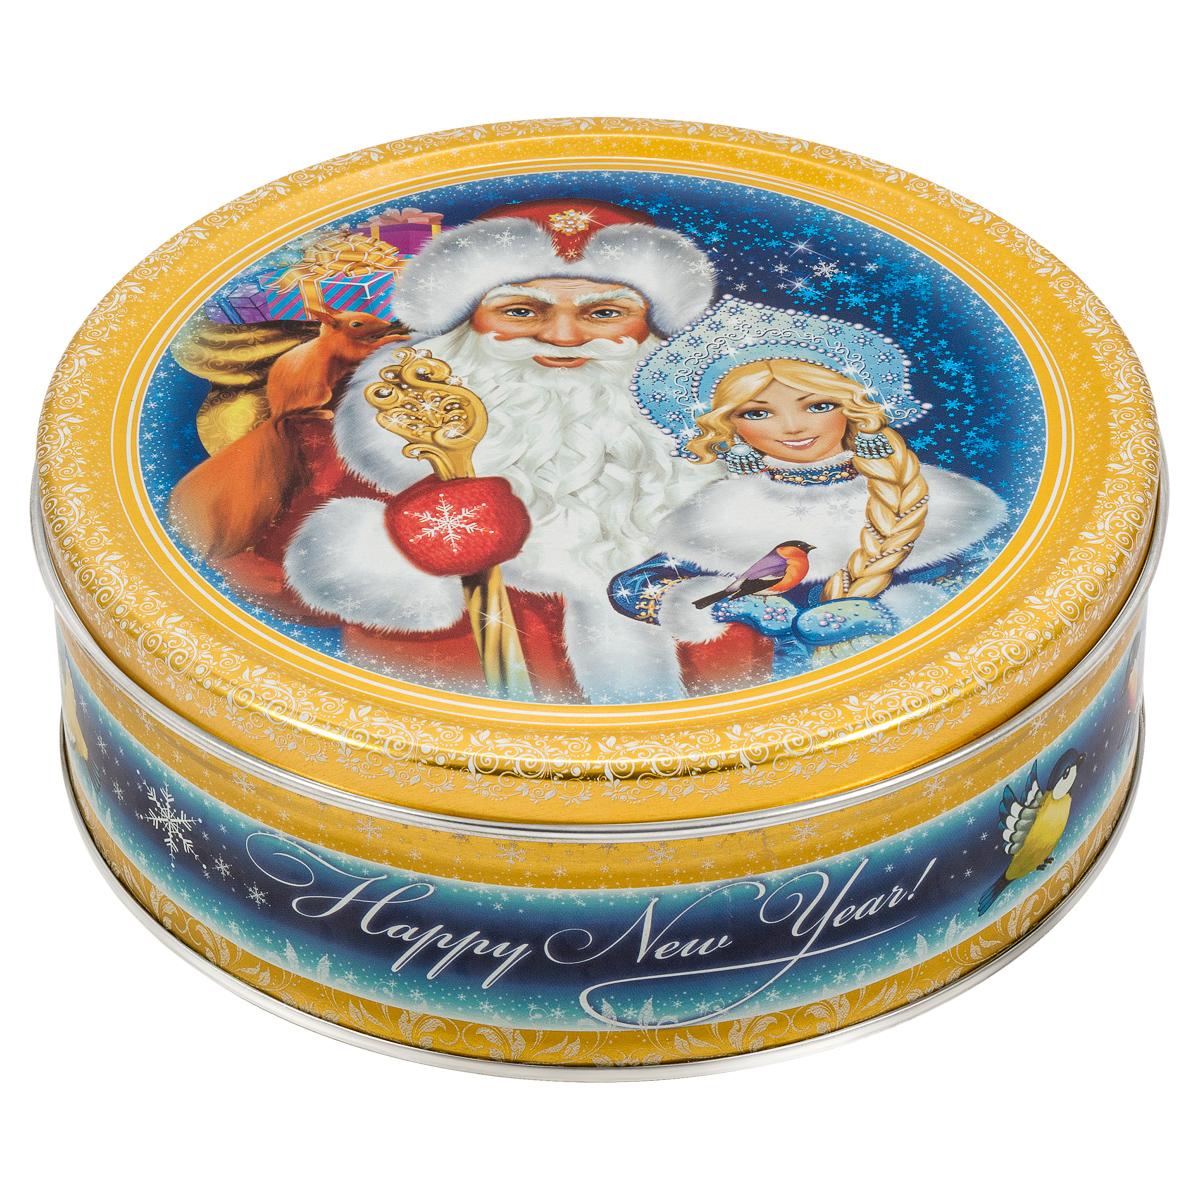 Сладкая Сказка Печенье Дед Мороз и Снегурочка, 400 г сладкая сказка печенье зимний вечер 400 г